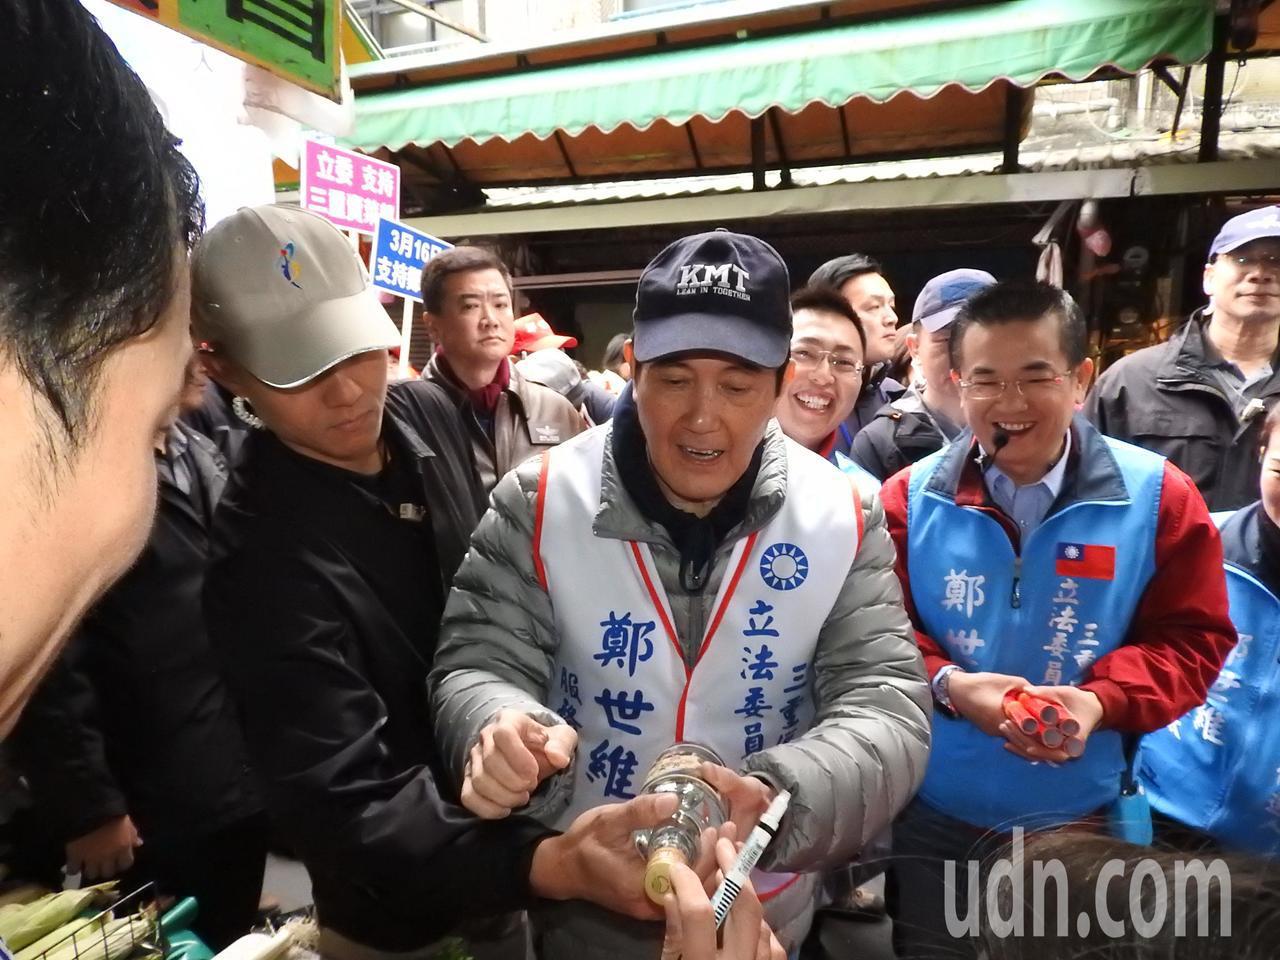 前總統馬英九(右二)今天陪鄭世維(右一)到三重大同南路市場掃街,不少民眾爭相索取...